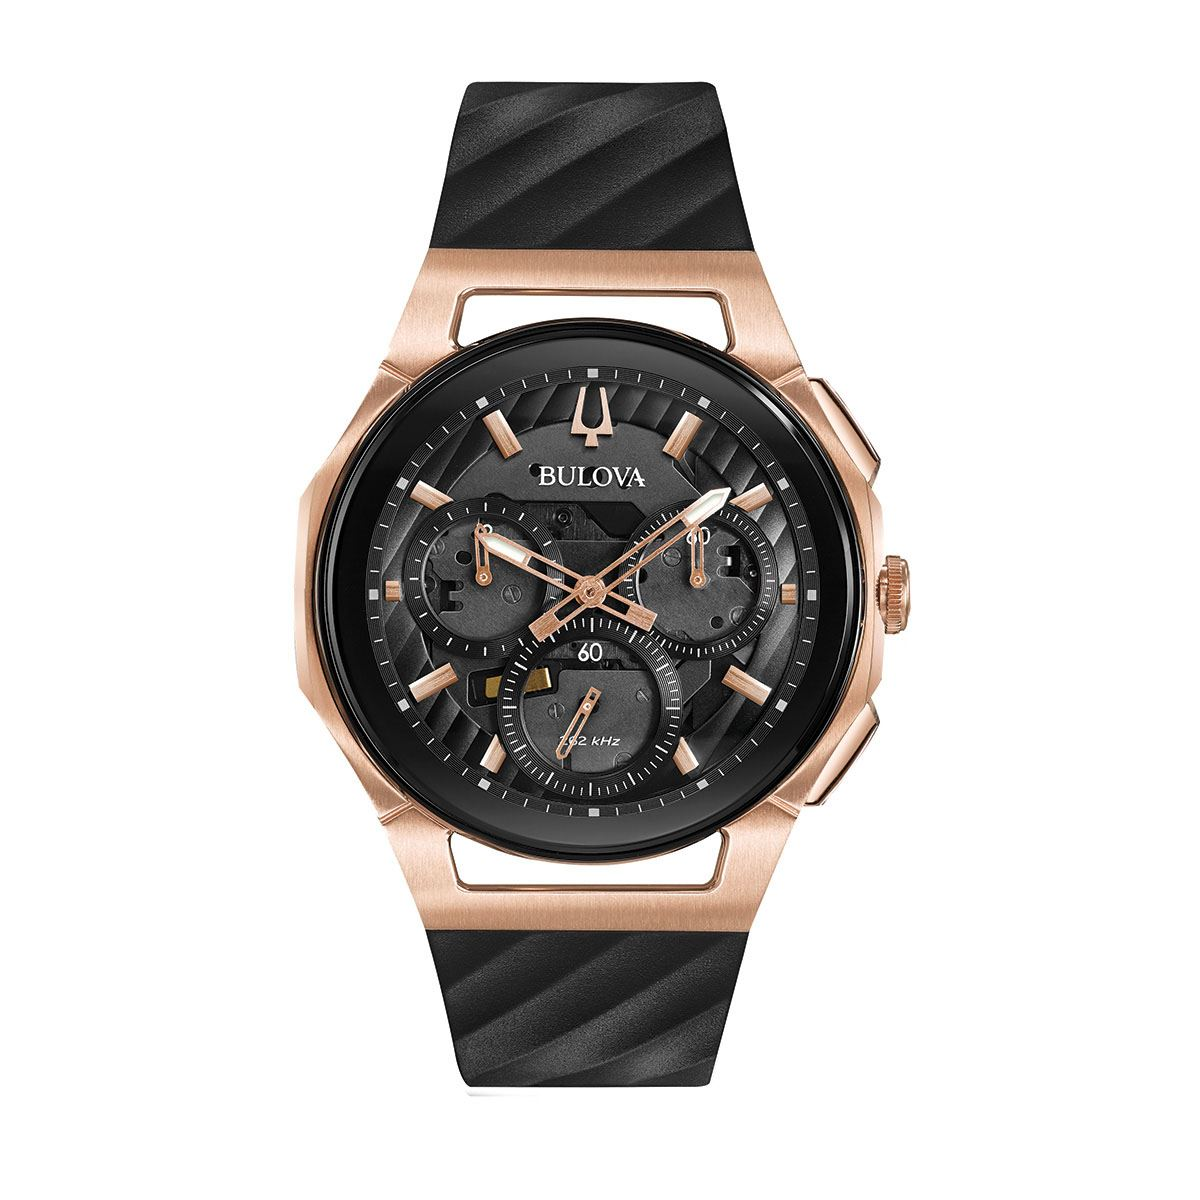 Reloj de pulso bulova caballero 98a185  - Sanborns